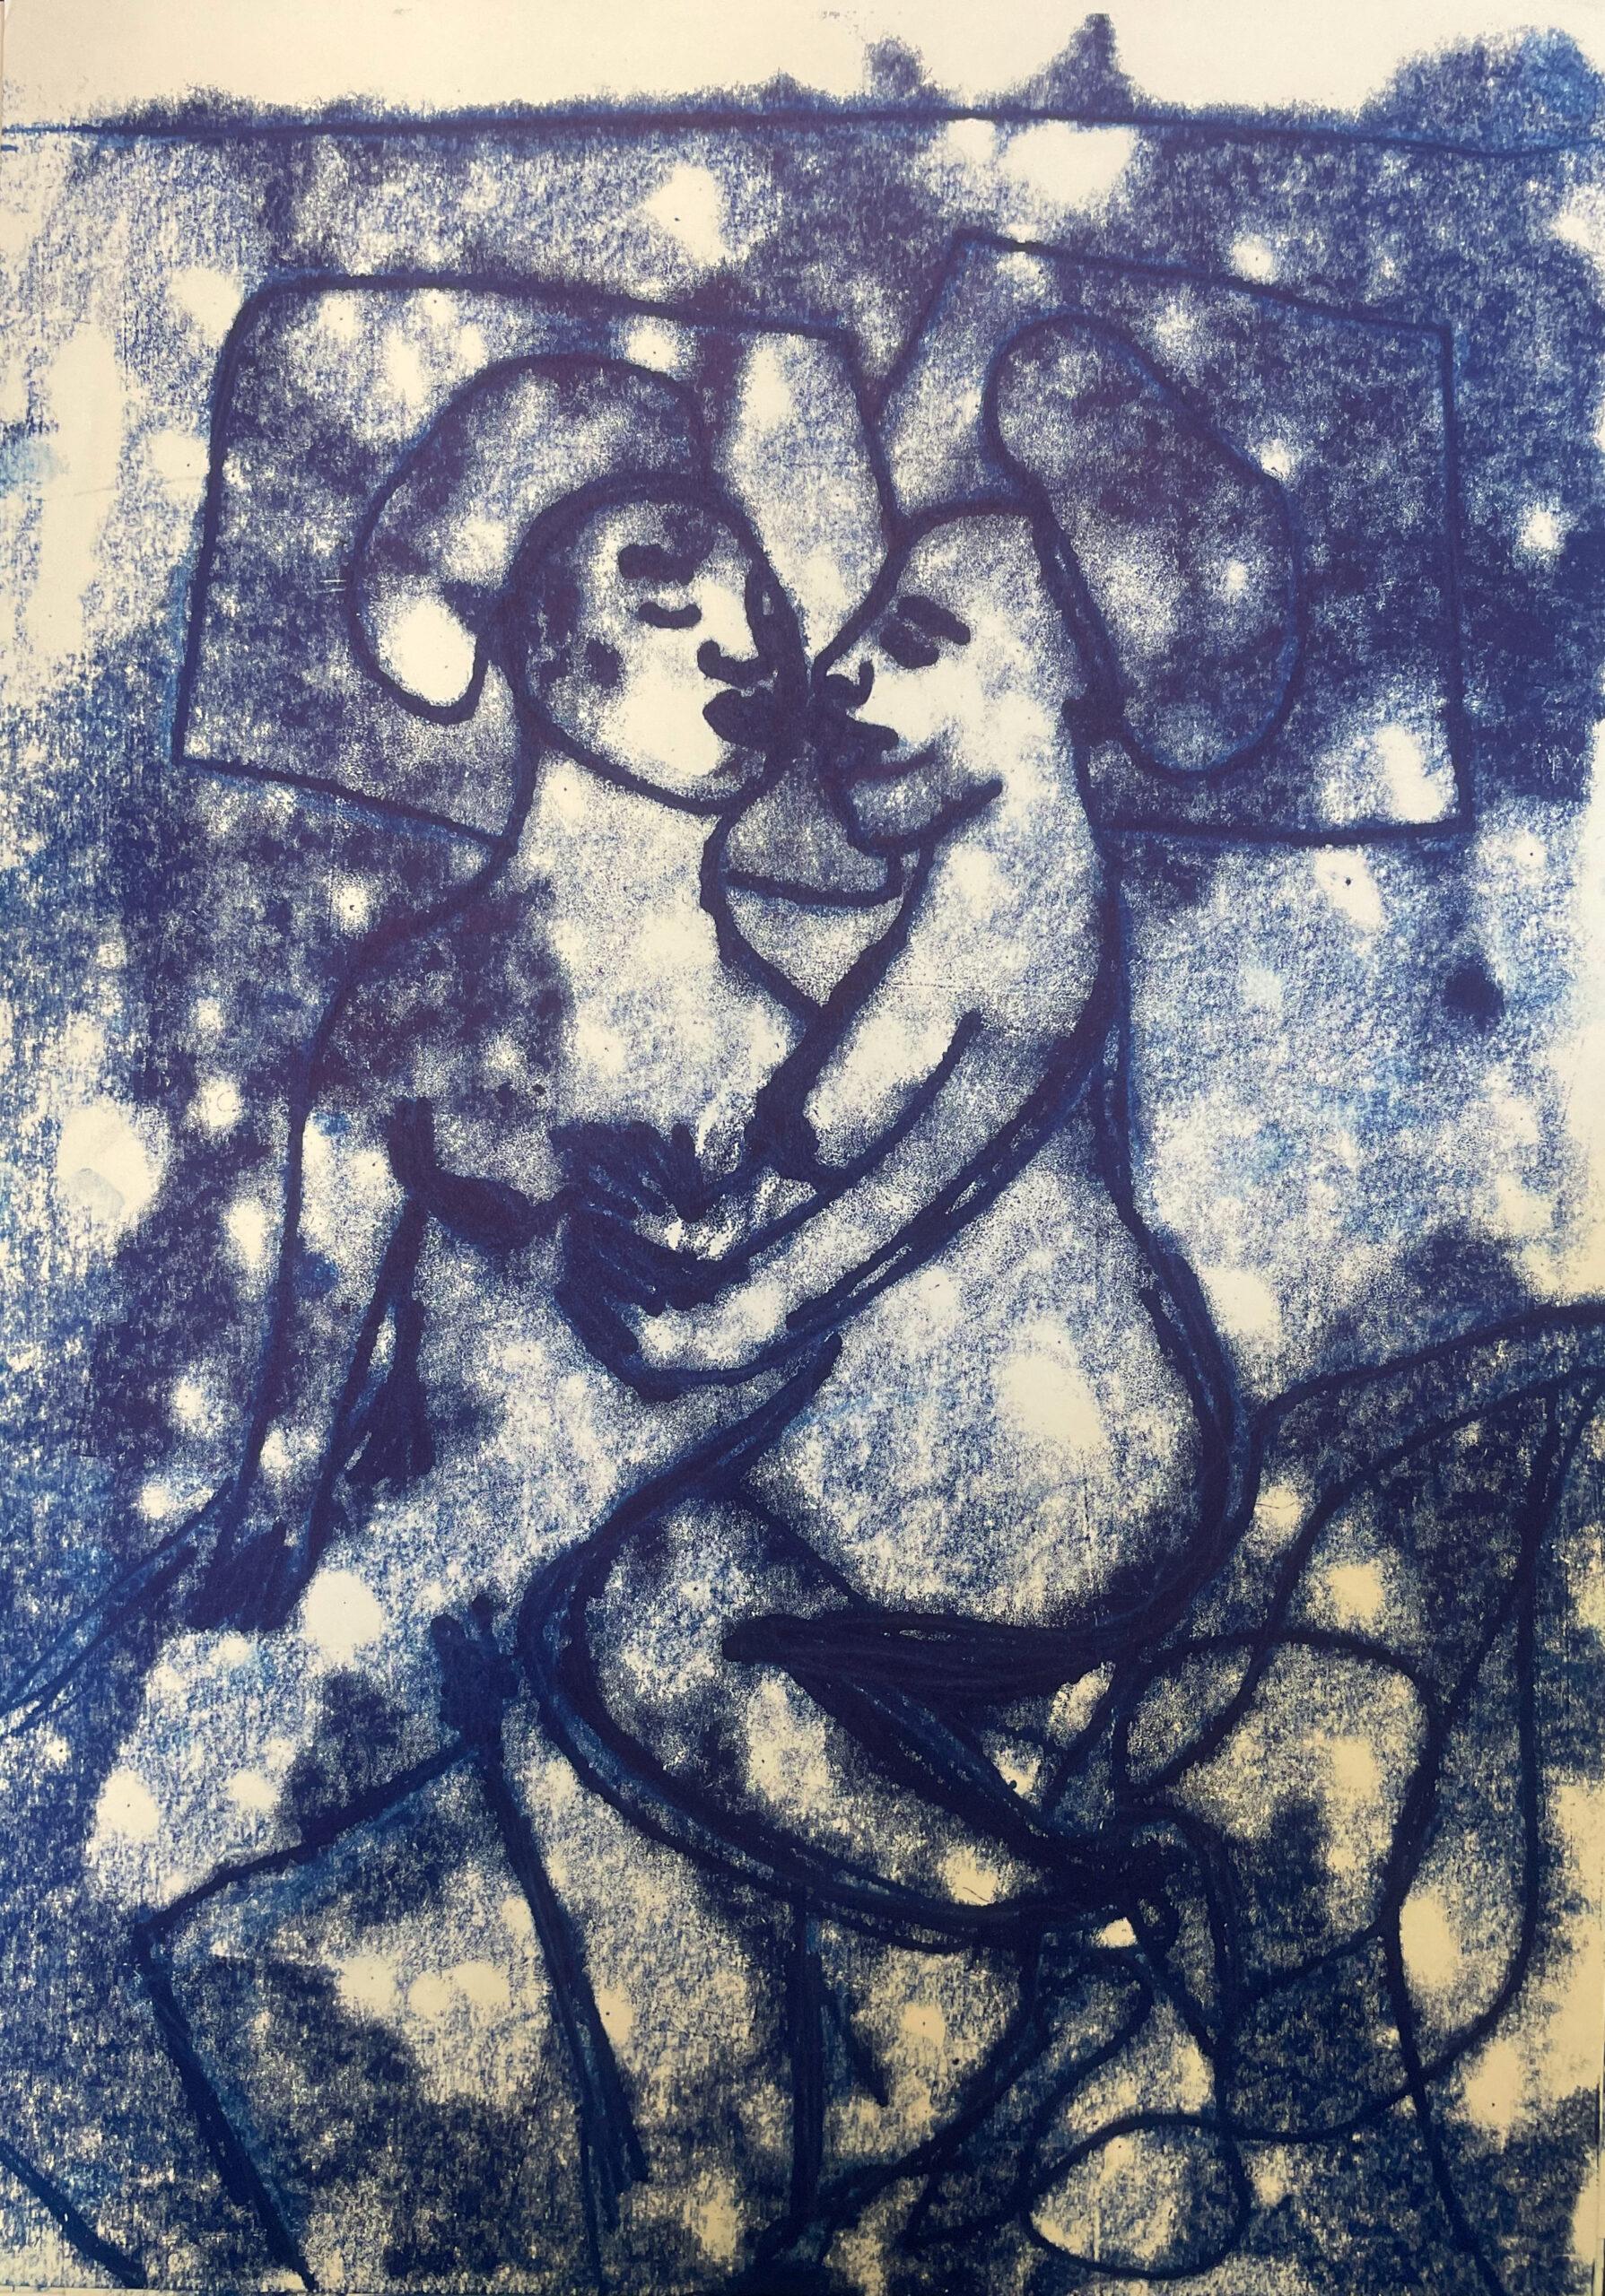 Sola Oluldoe-Extra Work-Monoprint on paper A3-29.7x42 - Impress me Deeper-Volta Basel